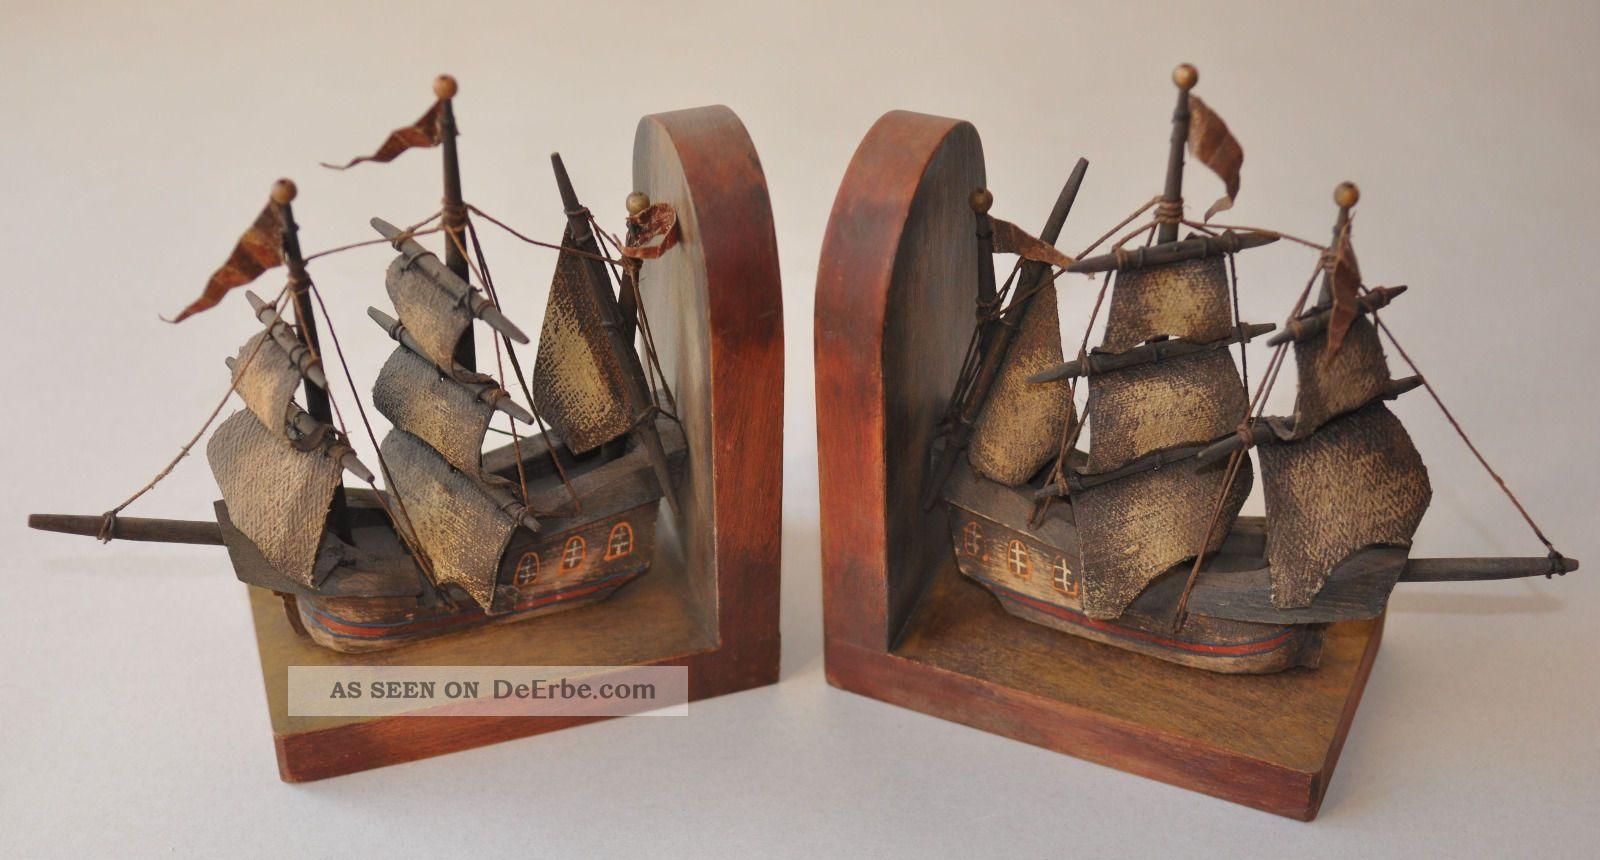 alte buchst tzen segelschiff 3 master kogge aus holz ca 1950 buchhalter skulptur. Black Bedroom Furniture Sets. Home Design Ideas